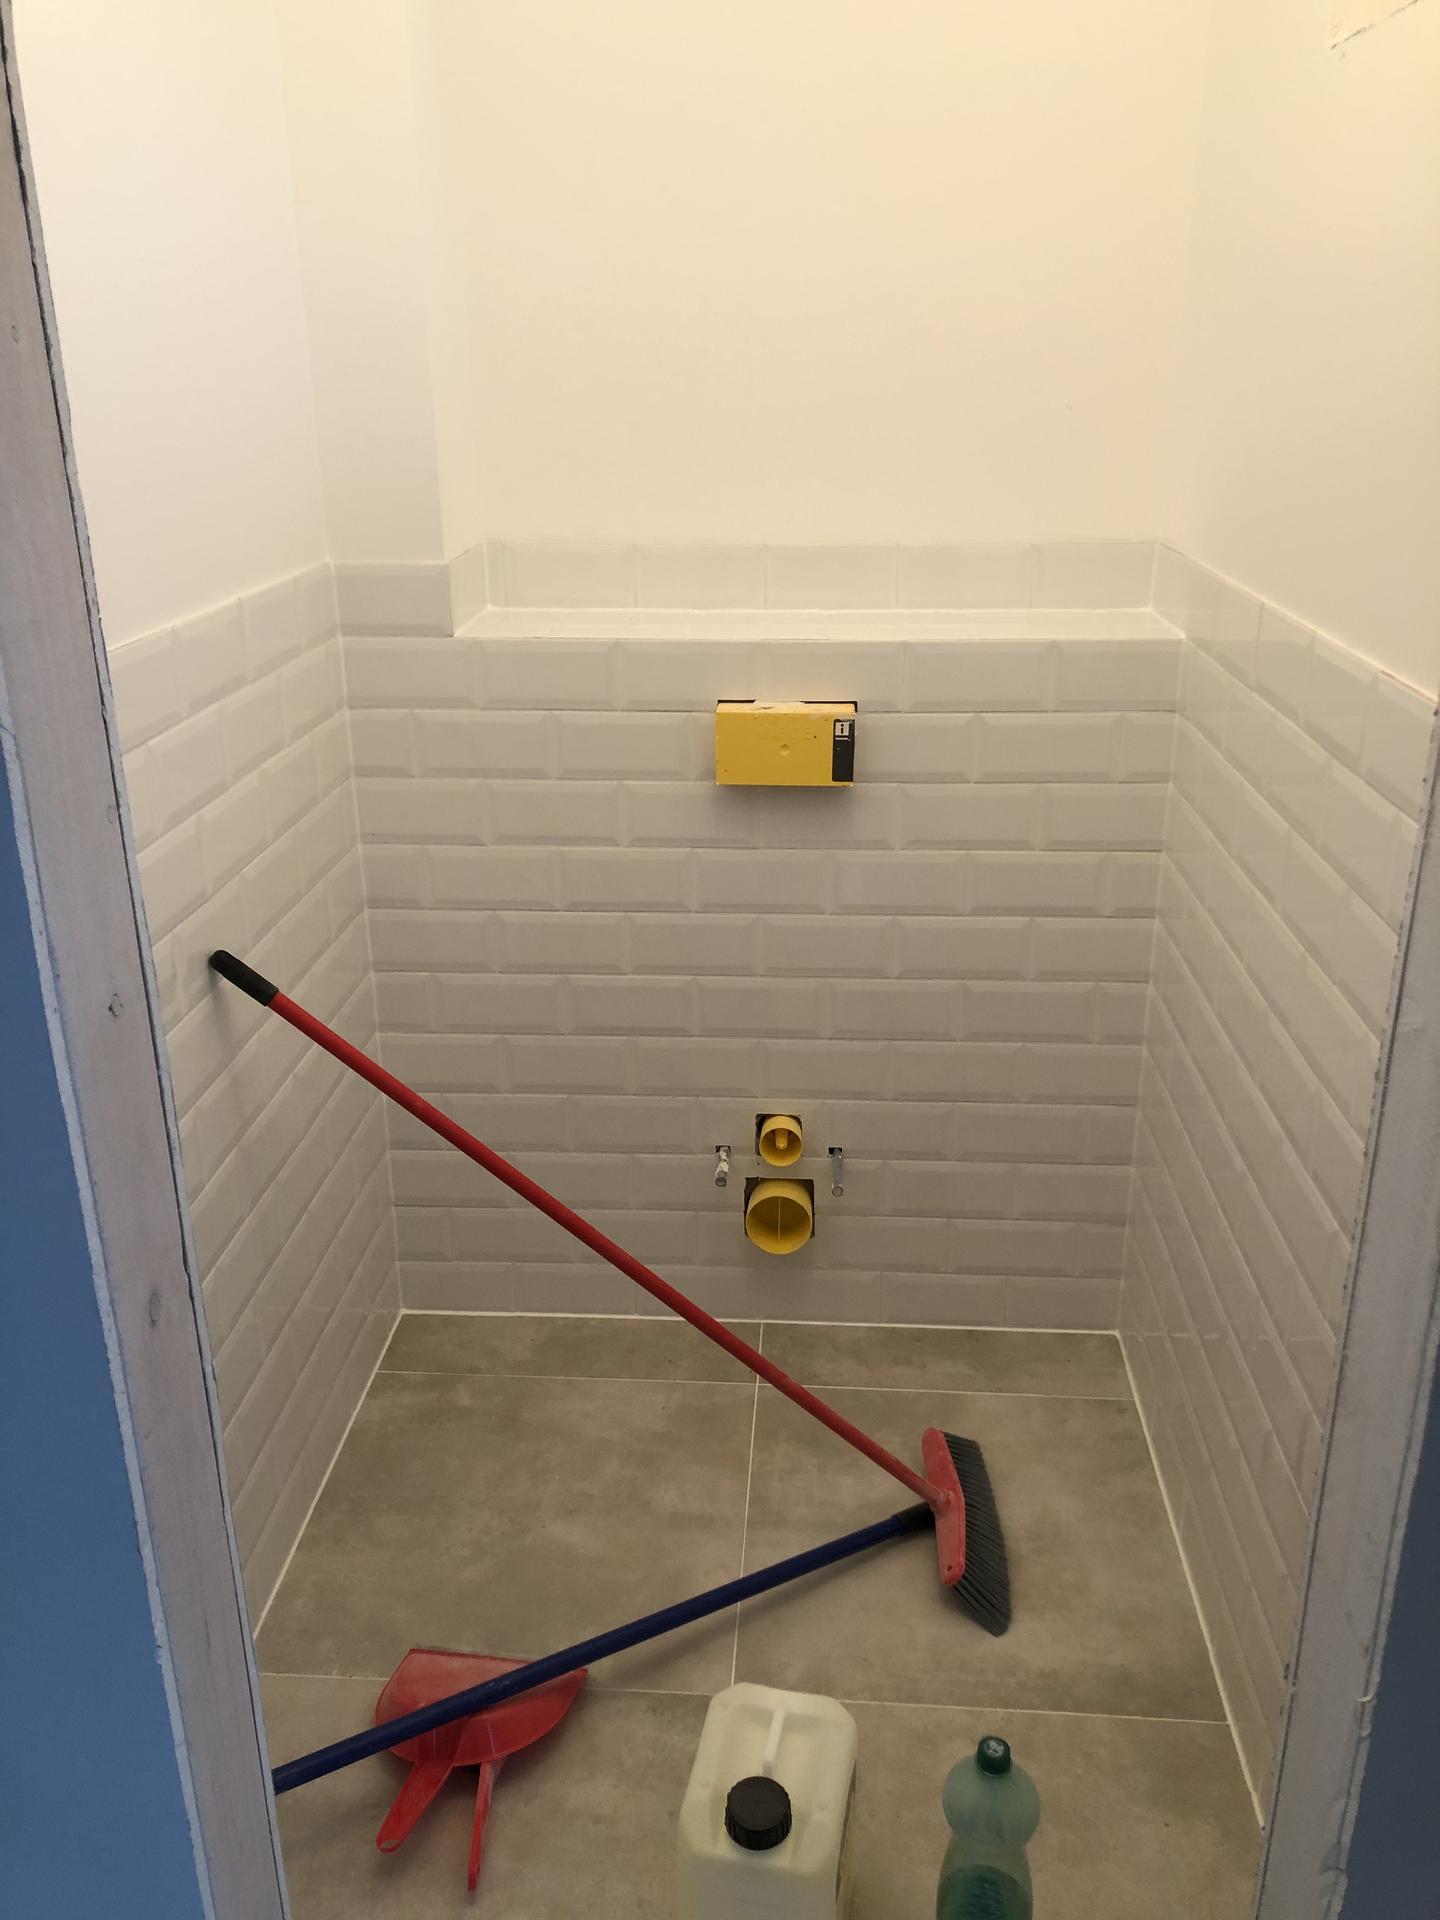 Naše prvé vlastné bývanie - druhé WC tiež prirpavené na osadenie umývadla a WC :)